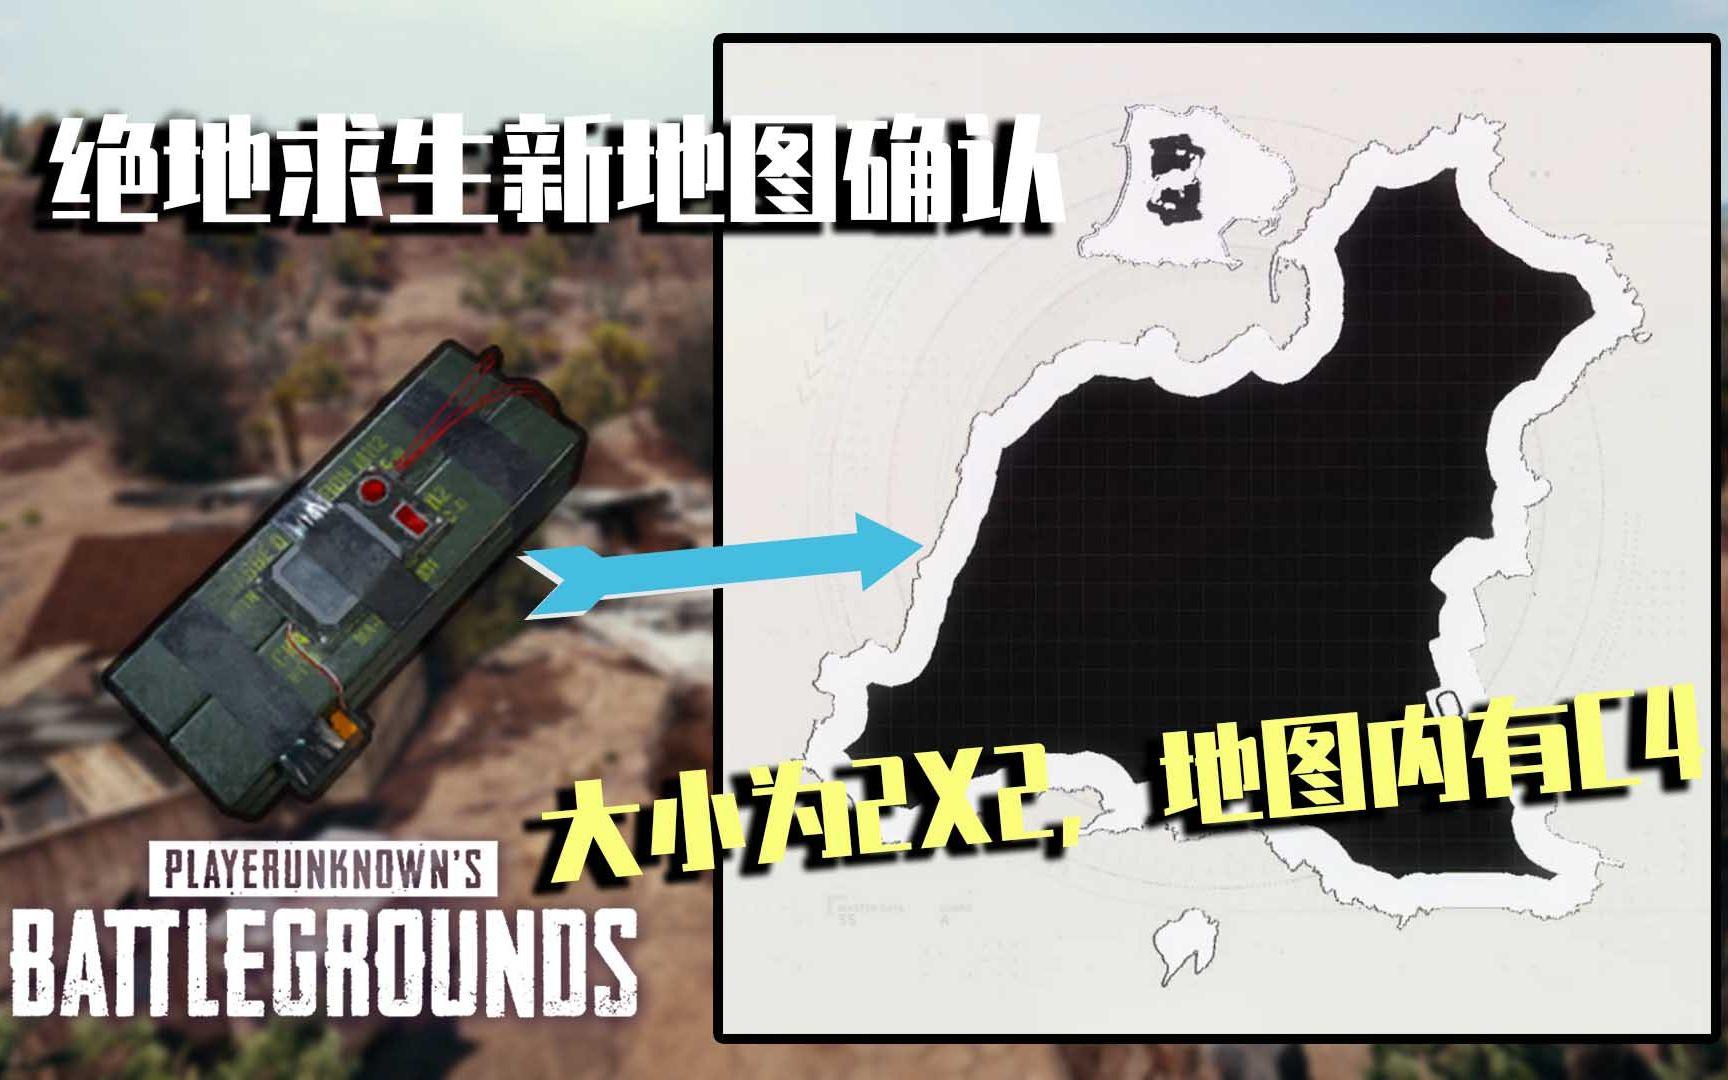 绝地求生新地图确认!大小仅为2X2,地形复杂,内含C4